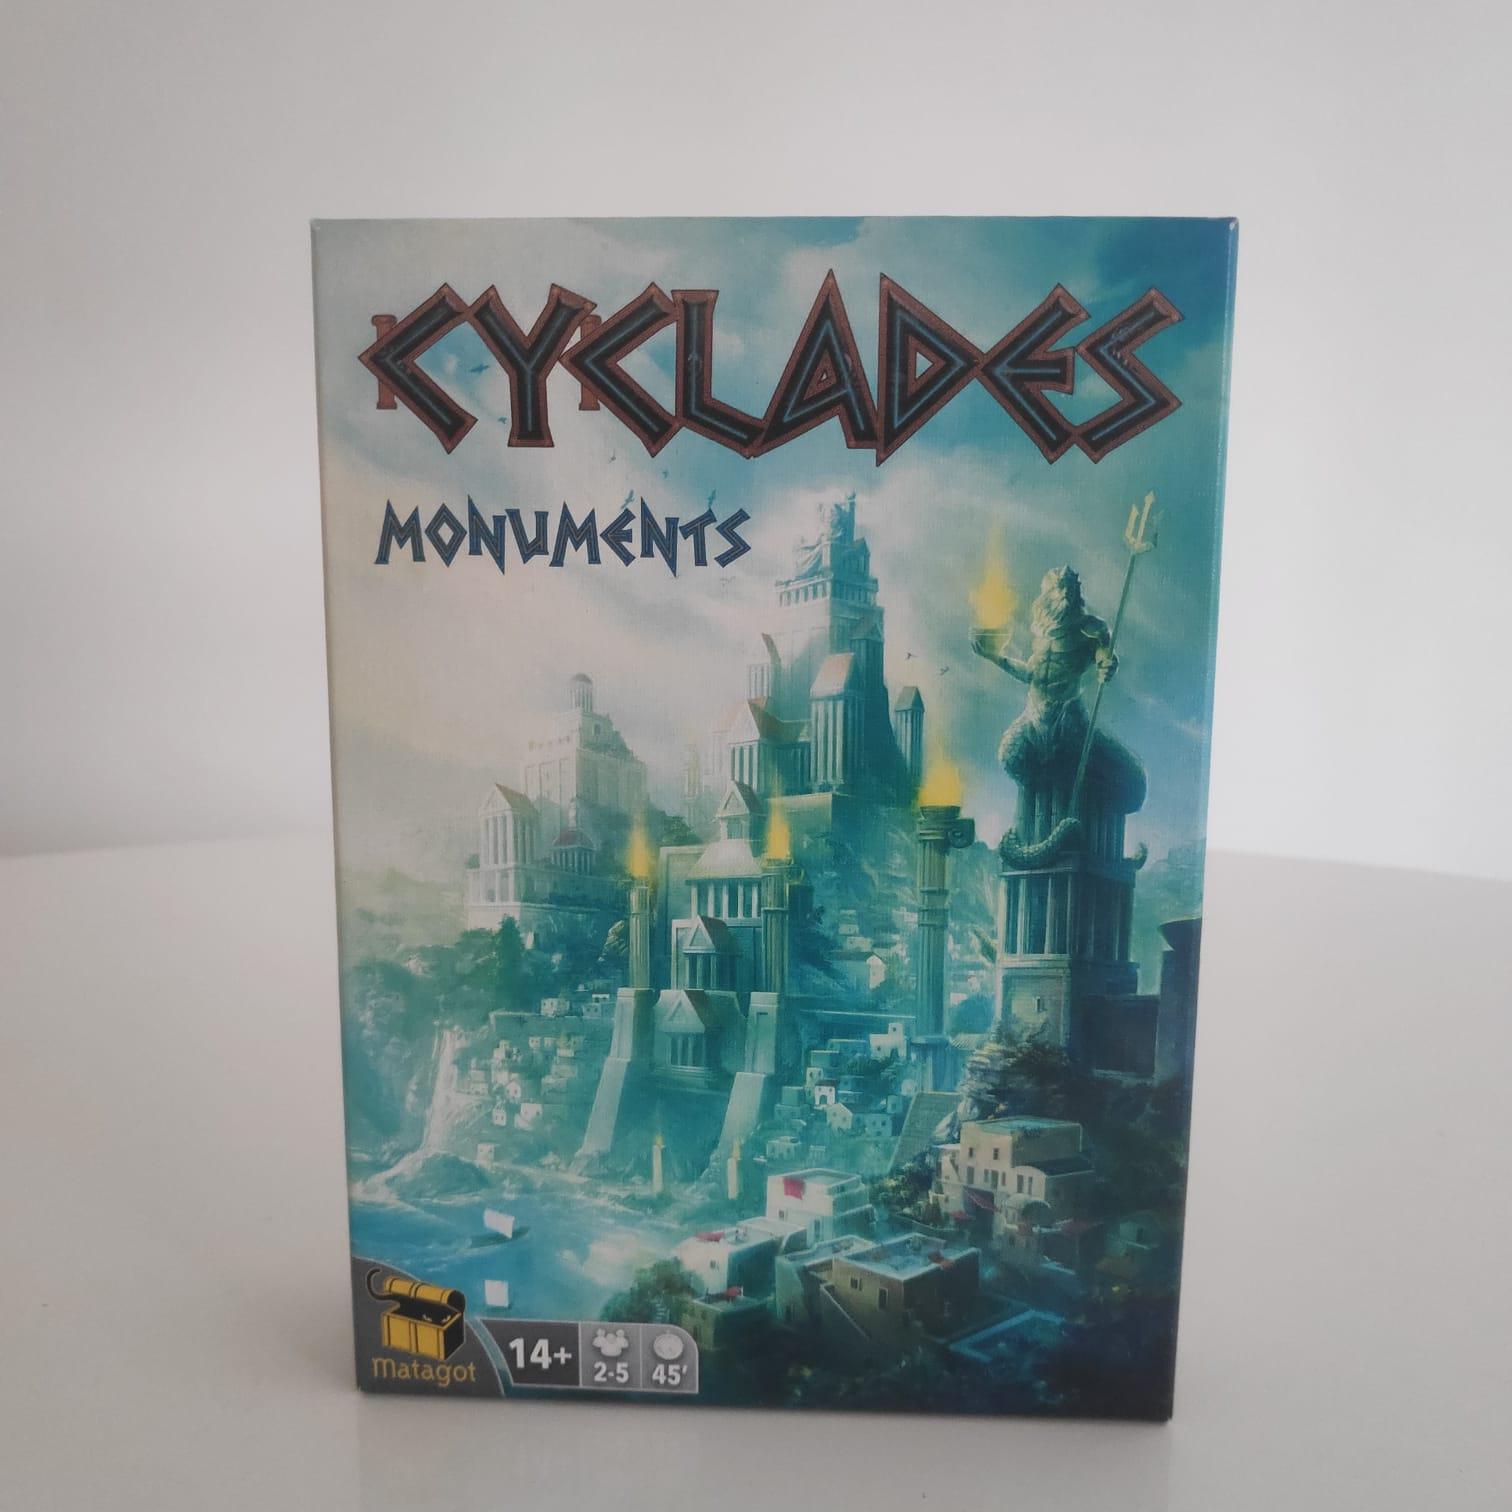 Cyclades: Monuments - BAZAR DOS ALQUIMISTAS